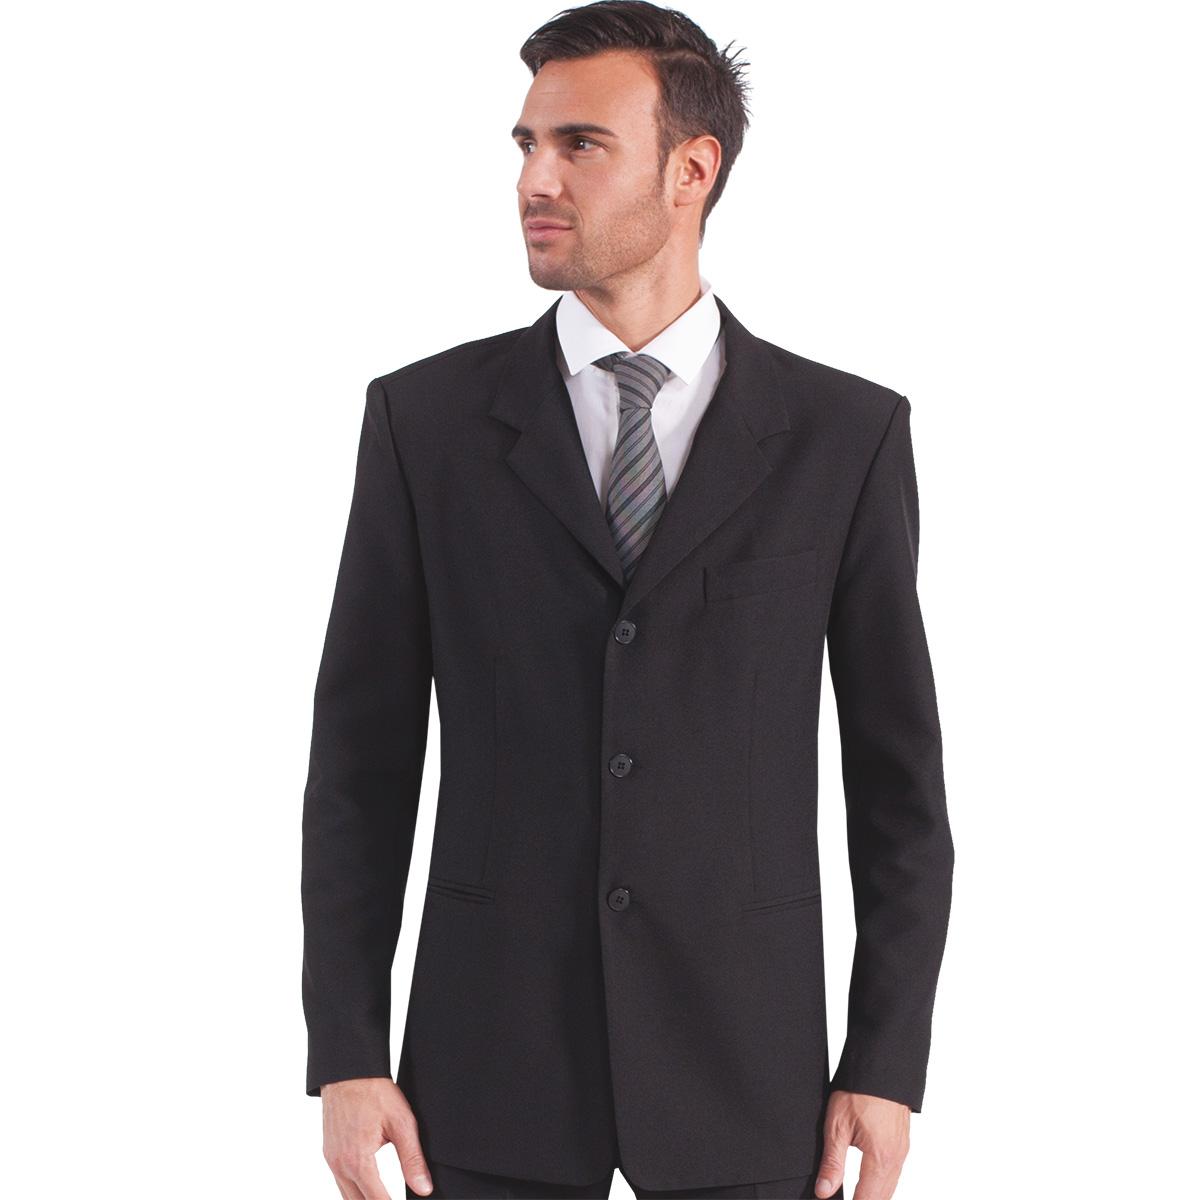 francesco-corporate-giacca-elegante-uomo